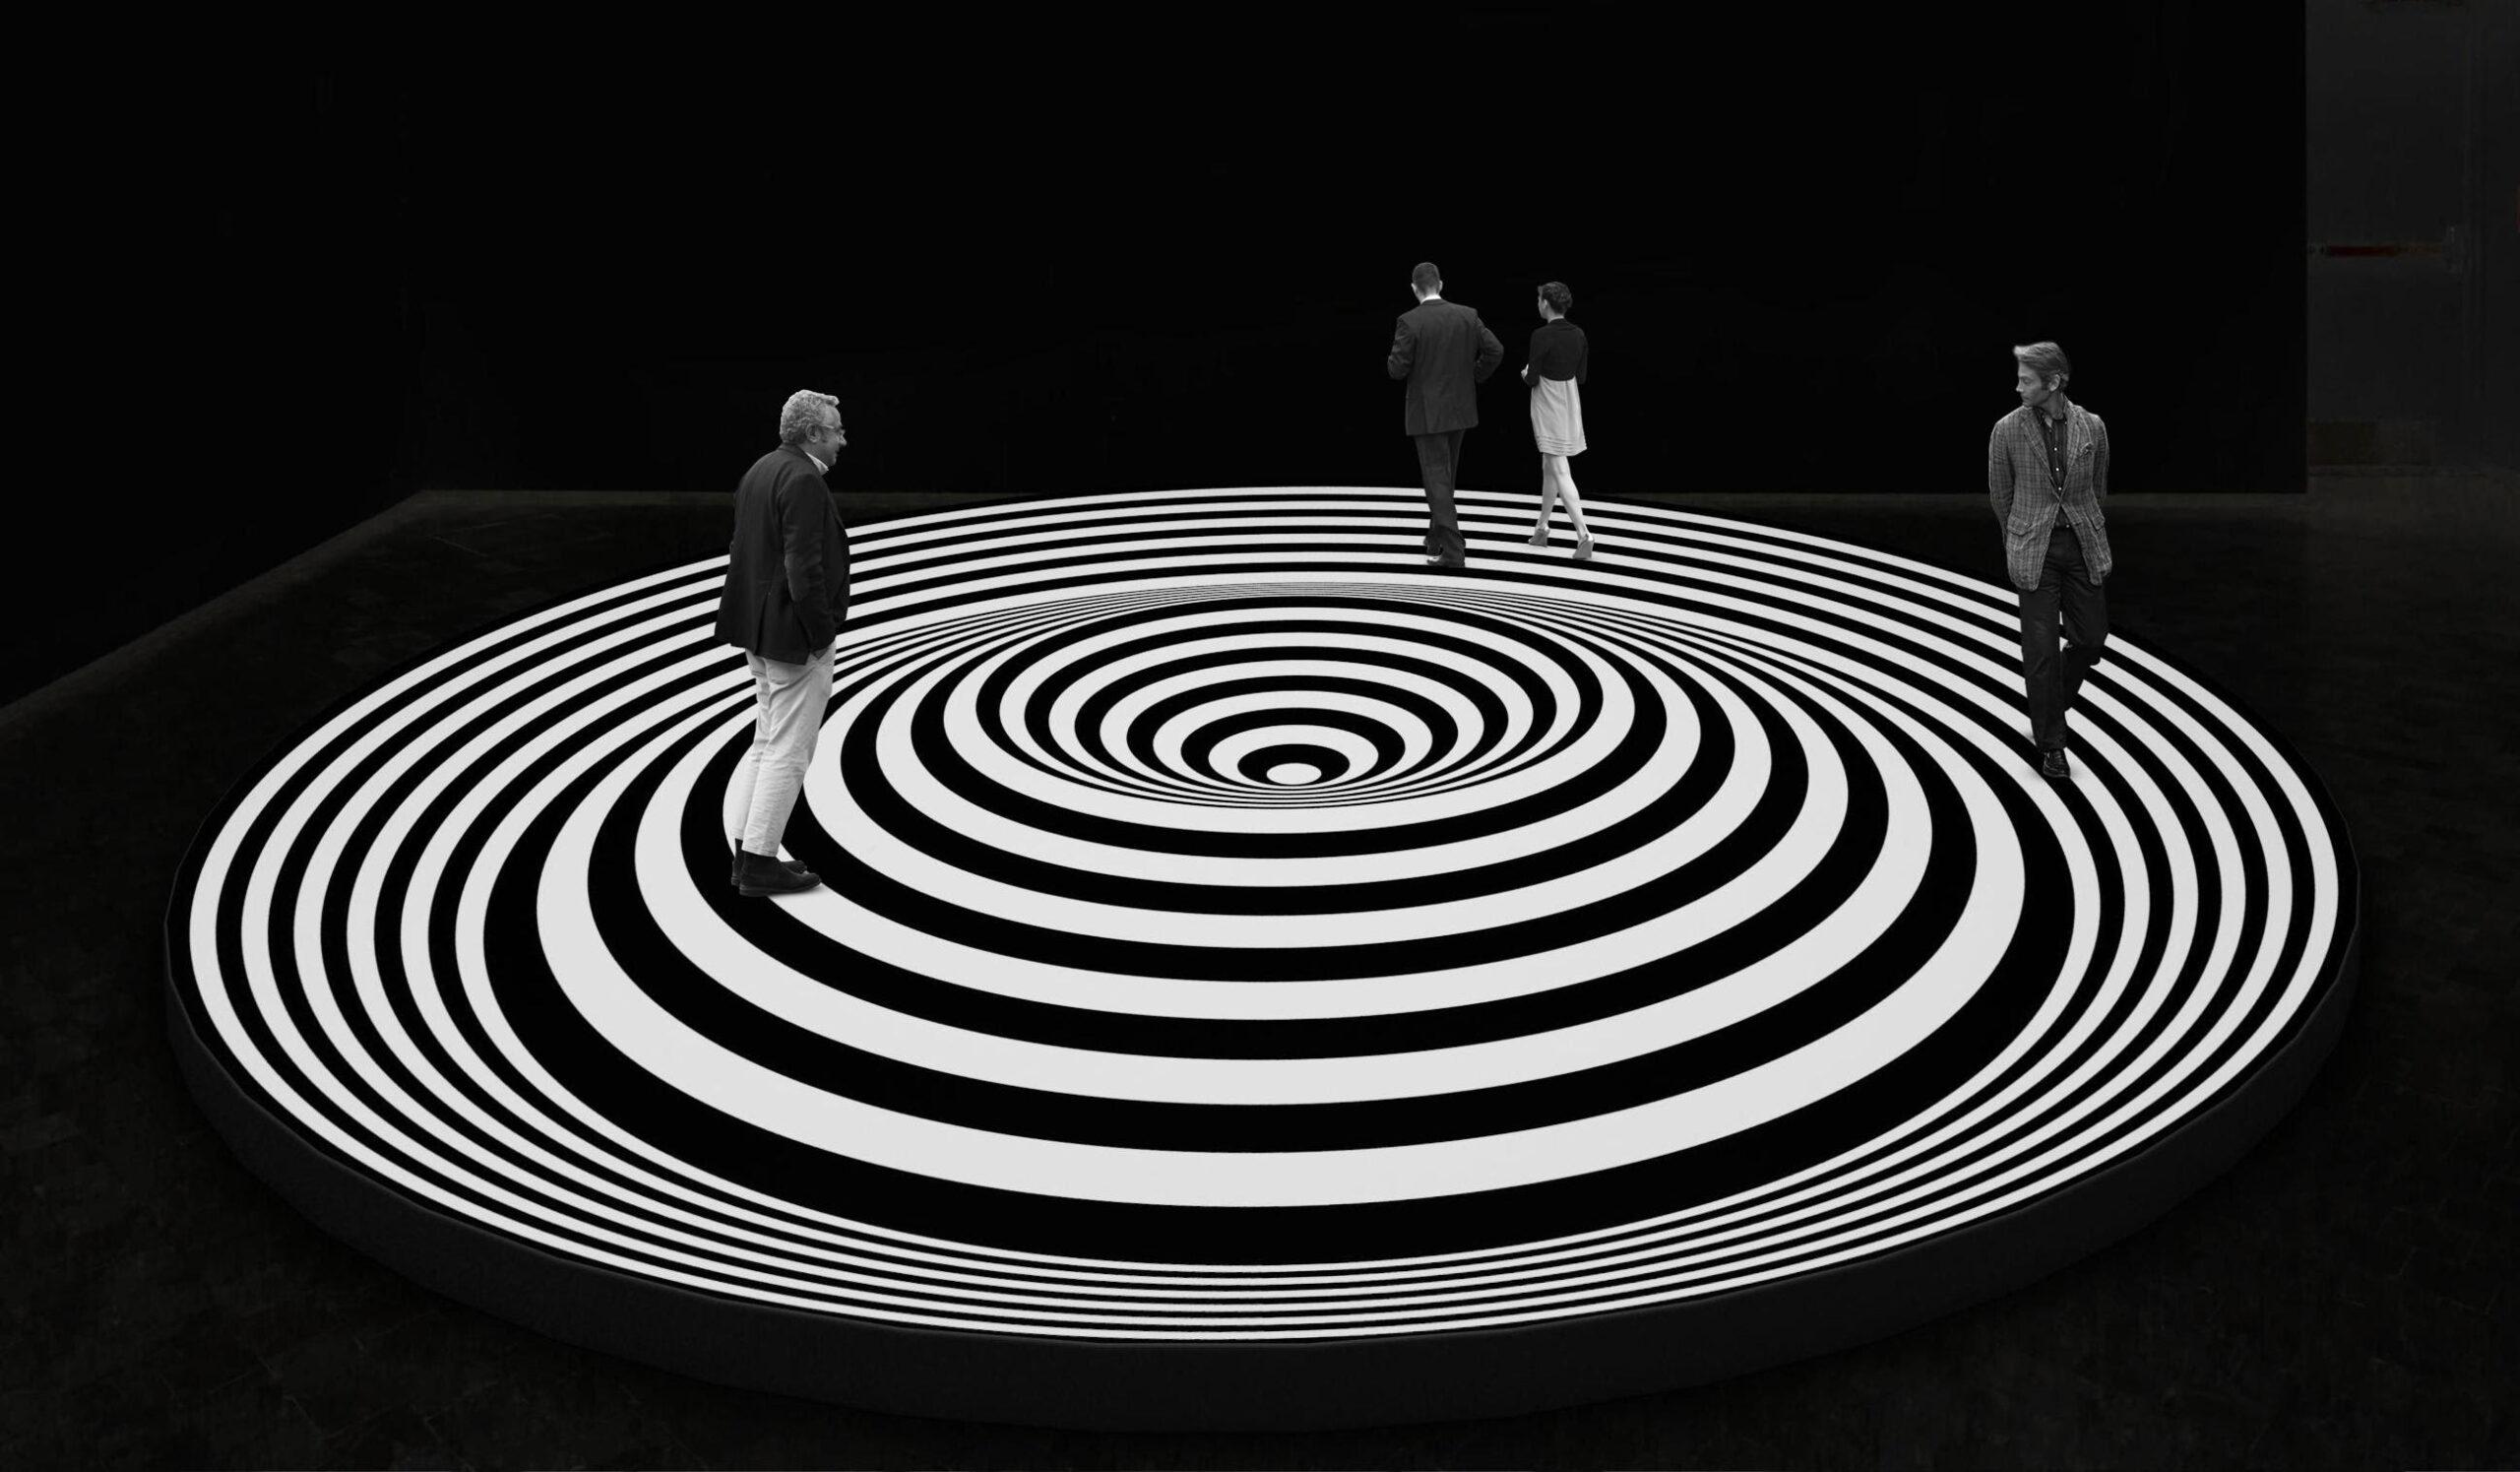 Realtà o finzione? L'Arte Cinetica di Marina Apollonio va in mostra online